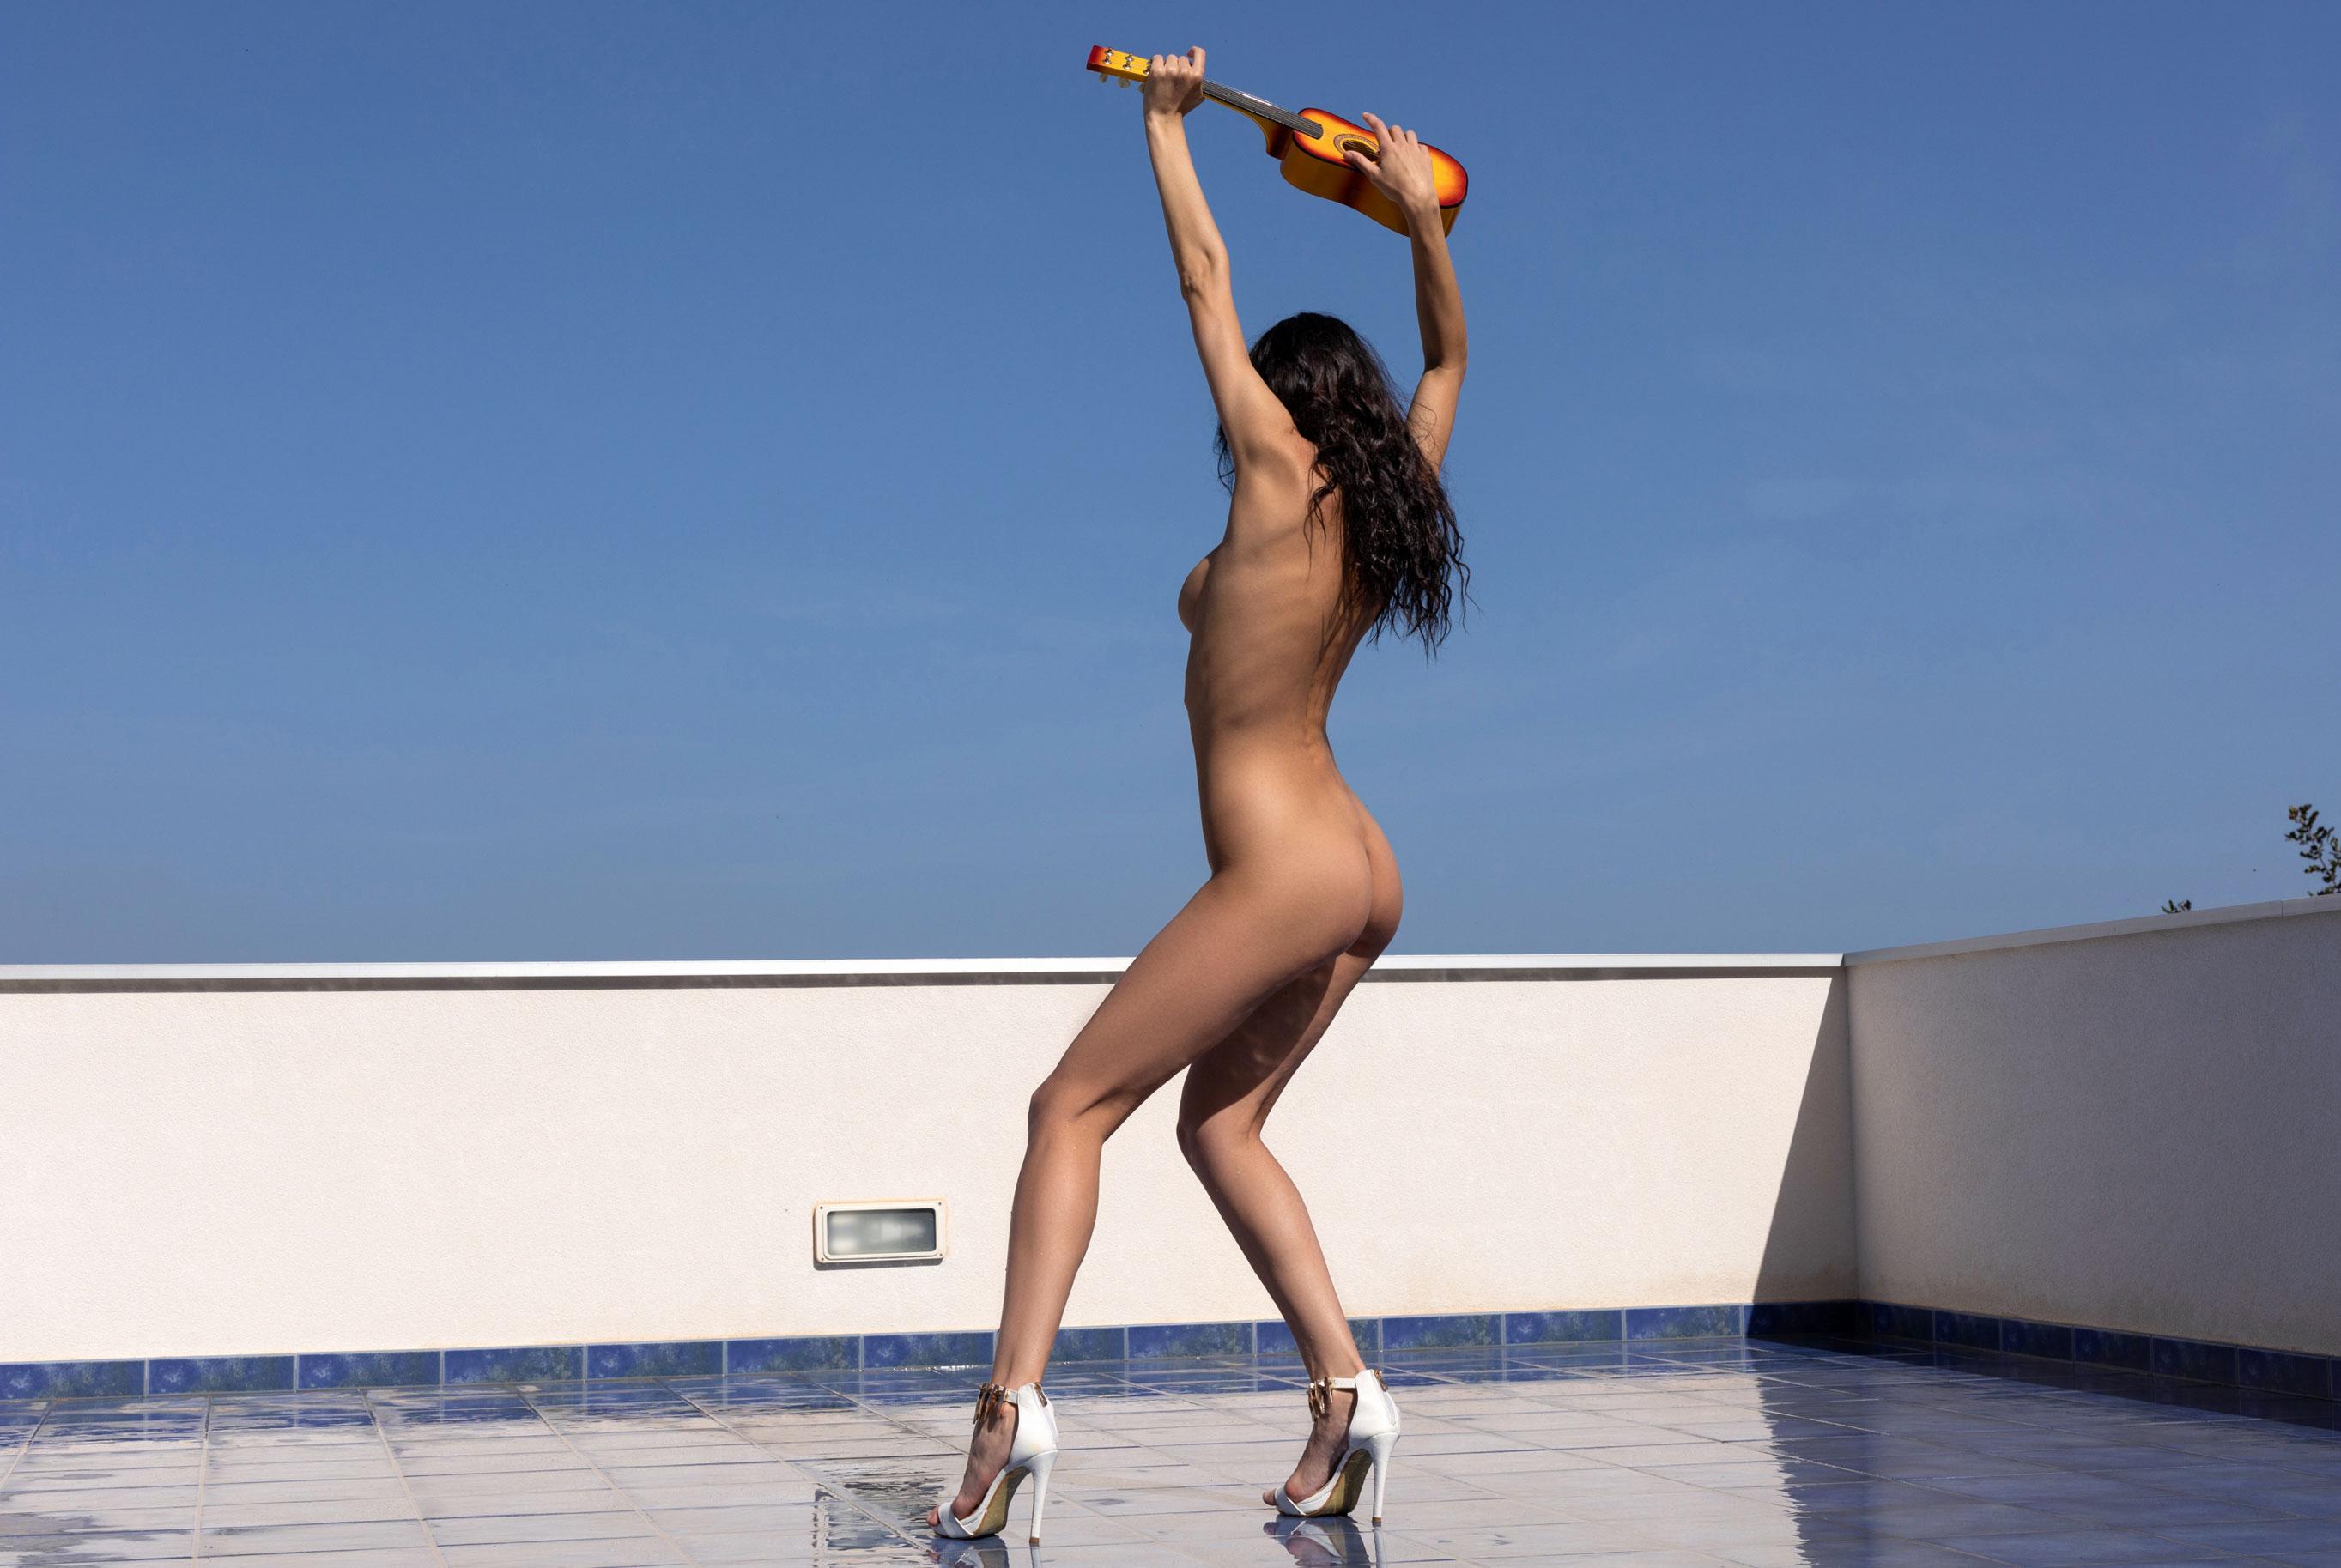 Сексуальная и голая Анастасия Марципанова развлекается с маленькой гавайской гитарой укулеле / фото 22